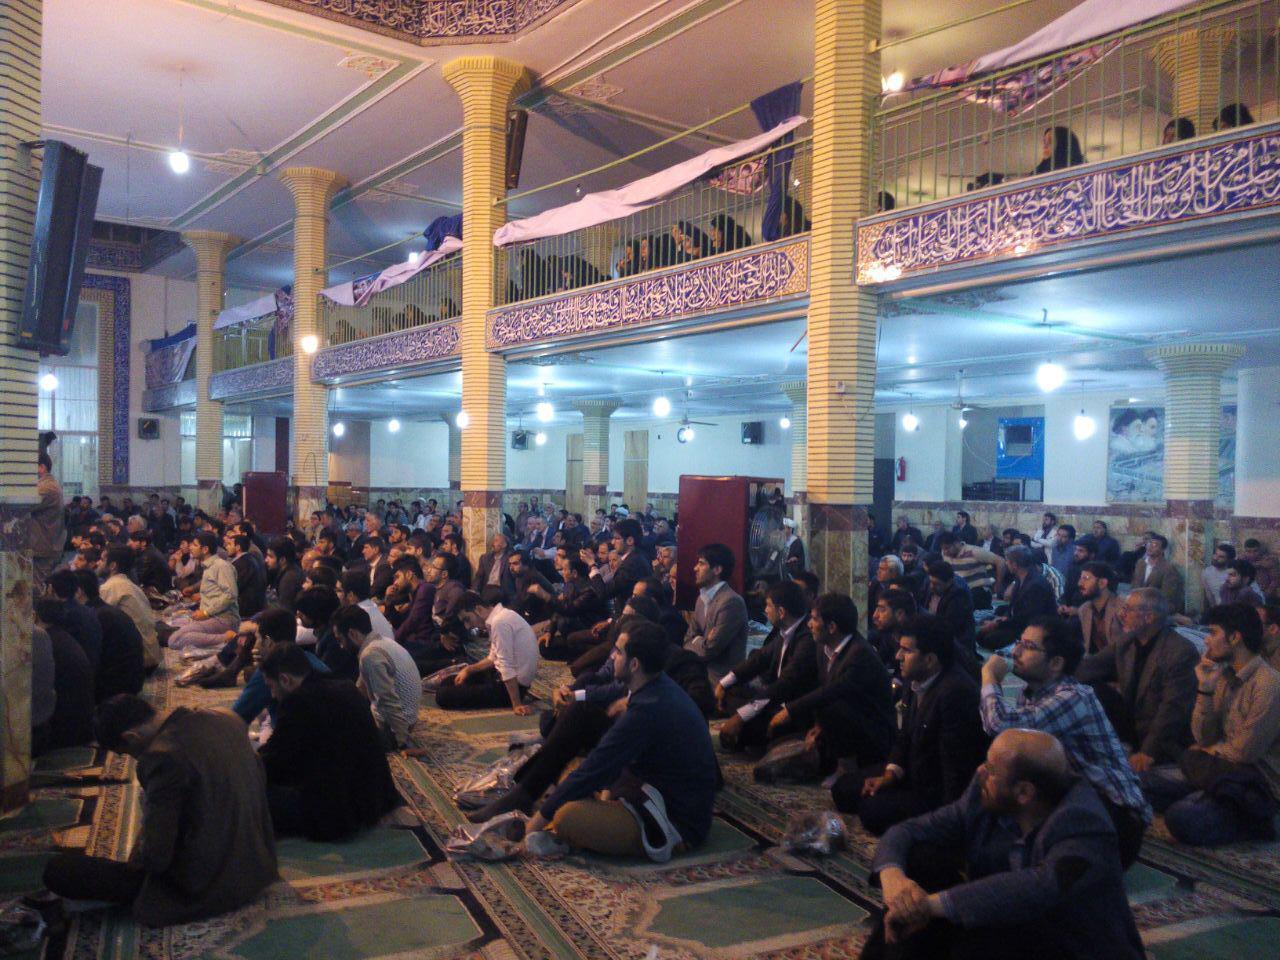 سخنرانی استاد حسن عباسی در مصلی قدس الیگودرز - رسالت خواص در دوران غیبت امام زمان (عج)